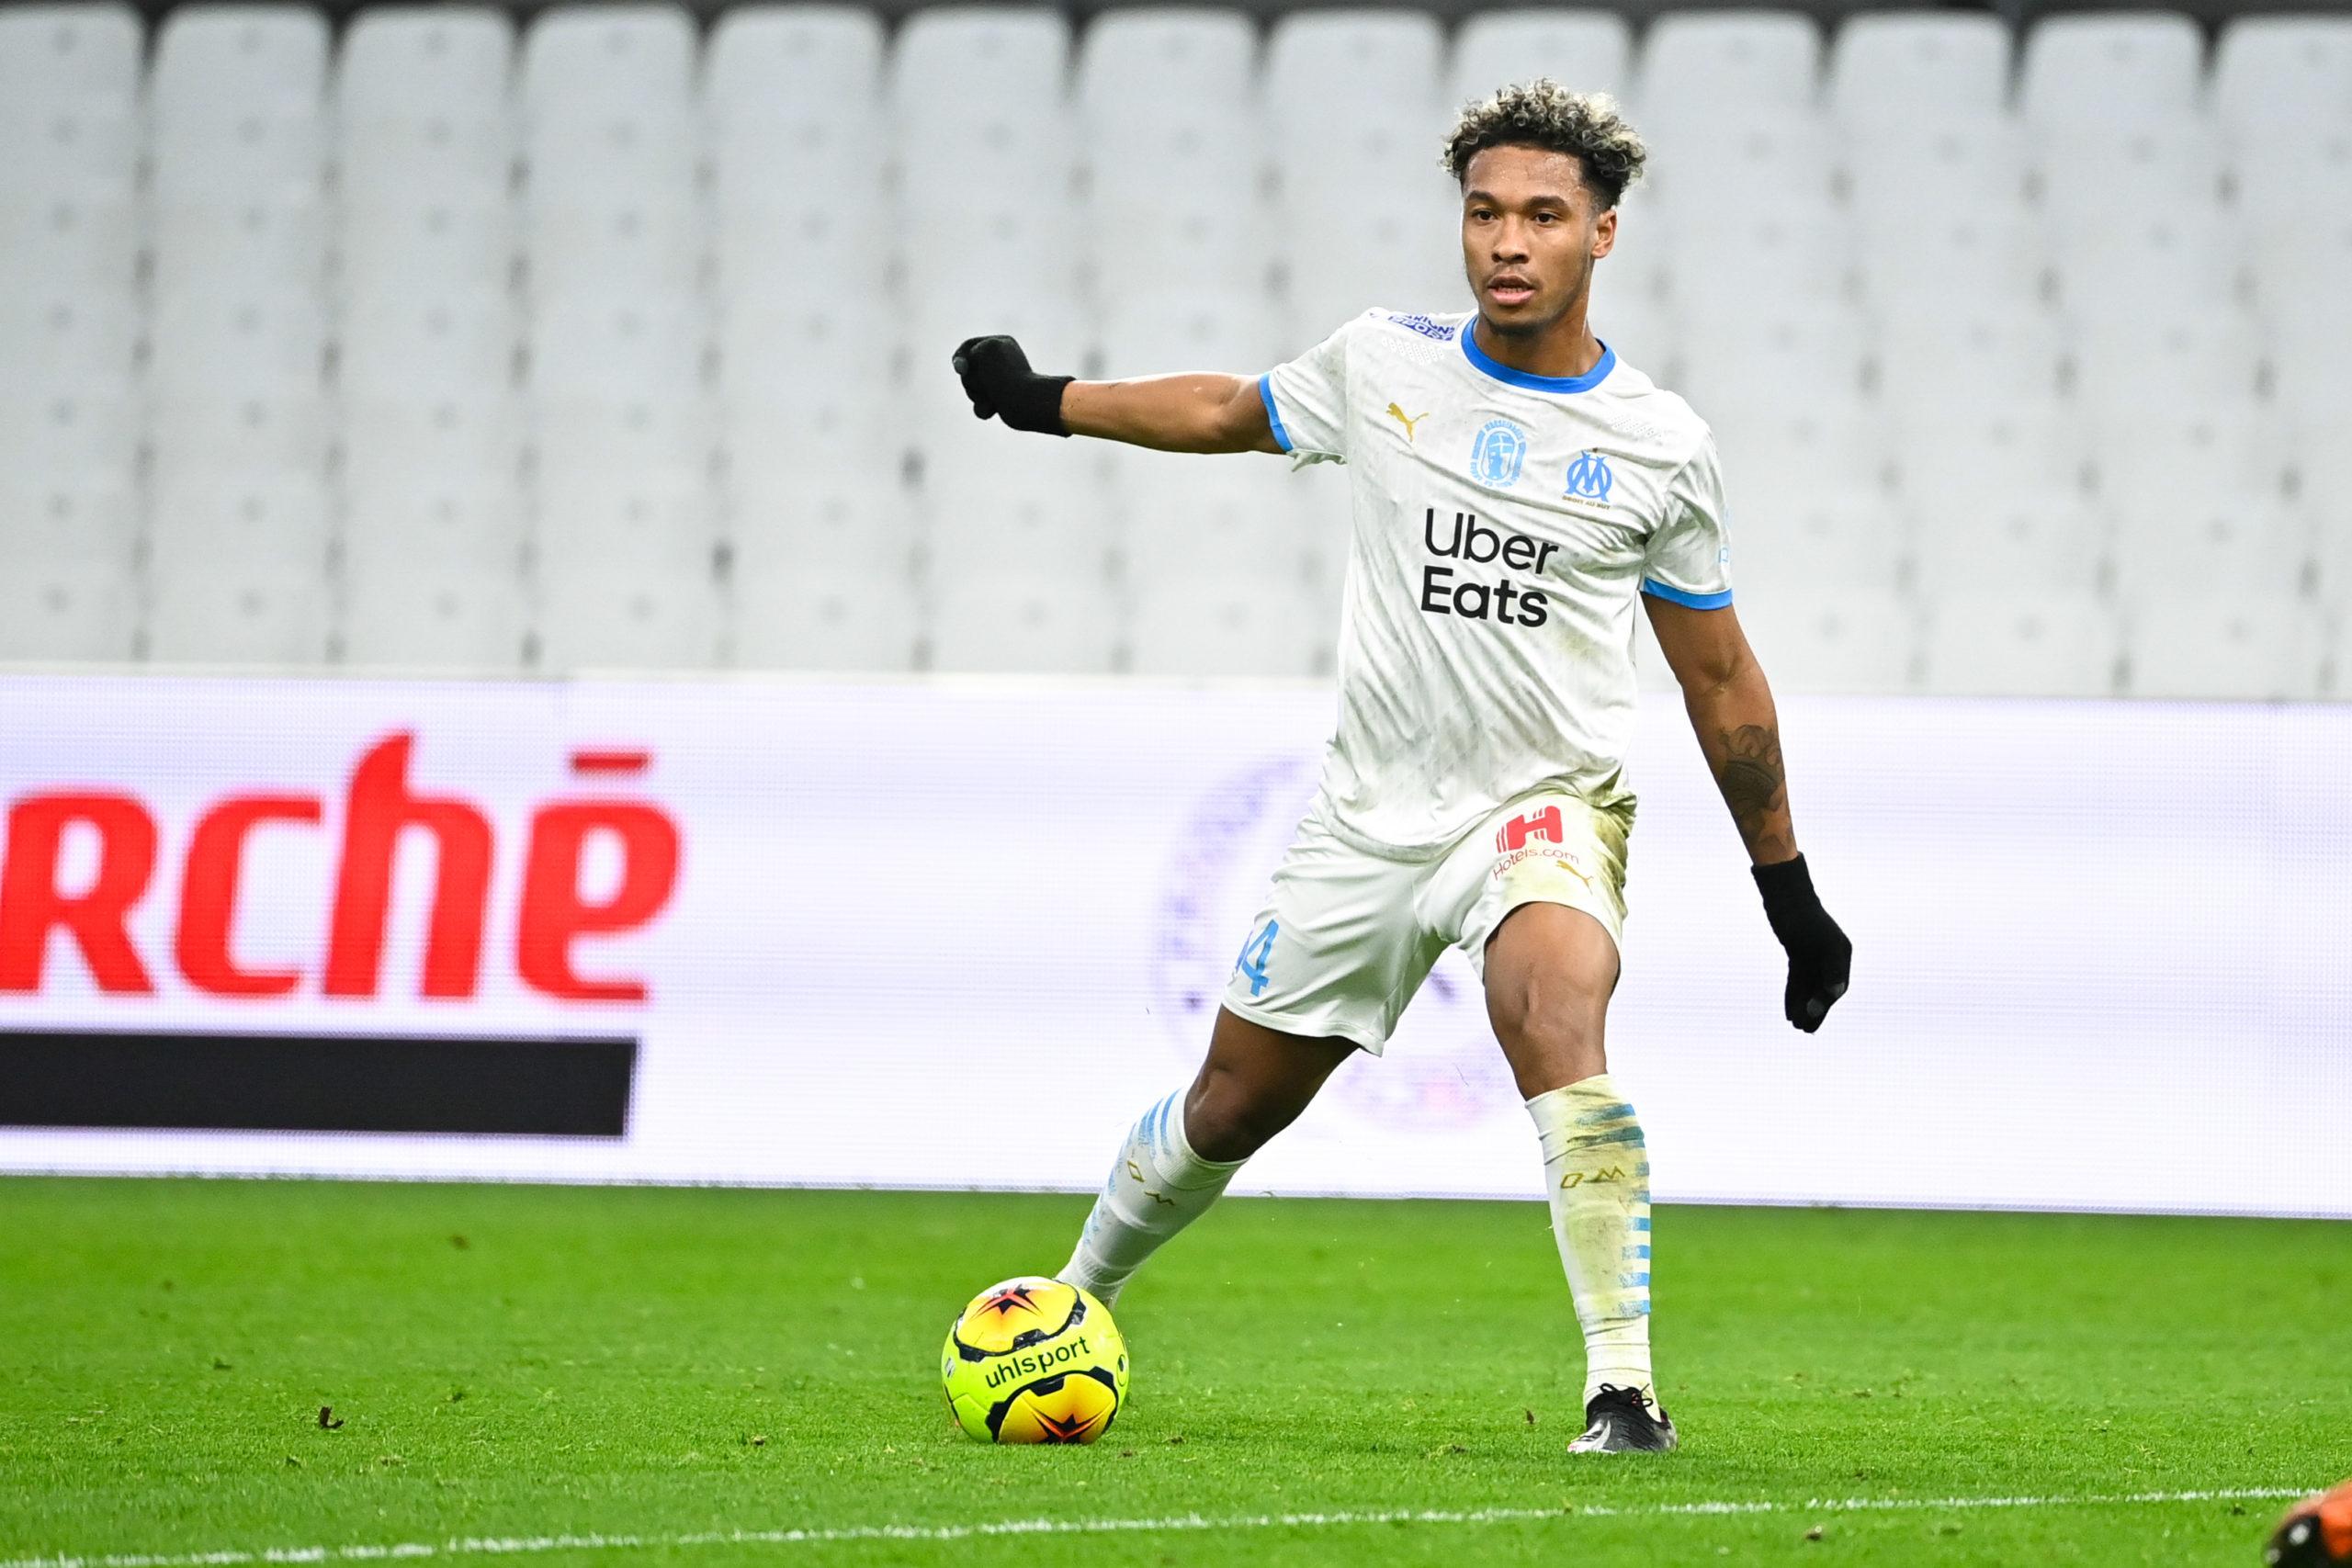 Mercato OM : Désirant la Premier League, Kamara envisage la Serie A